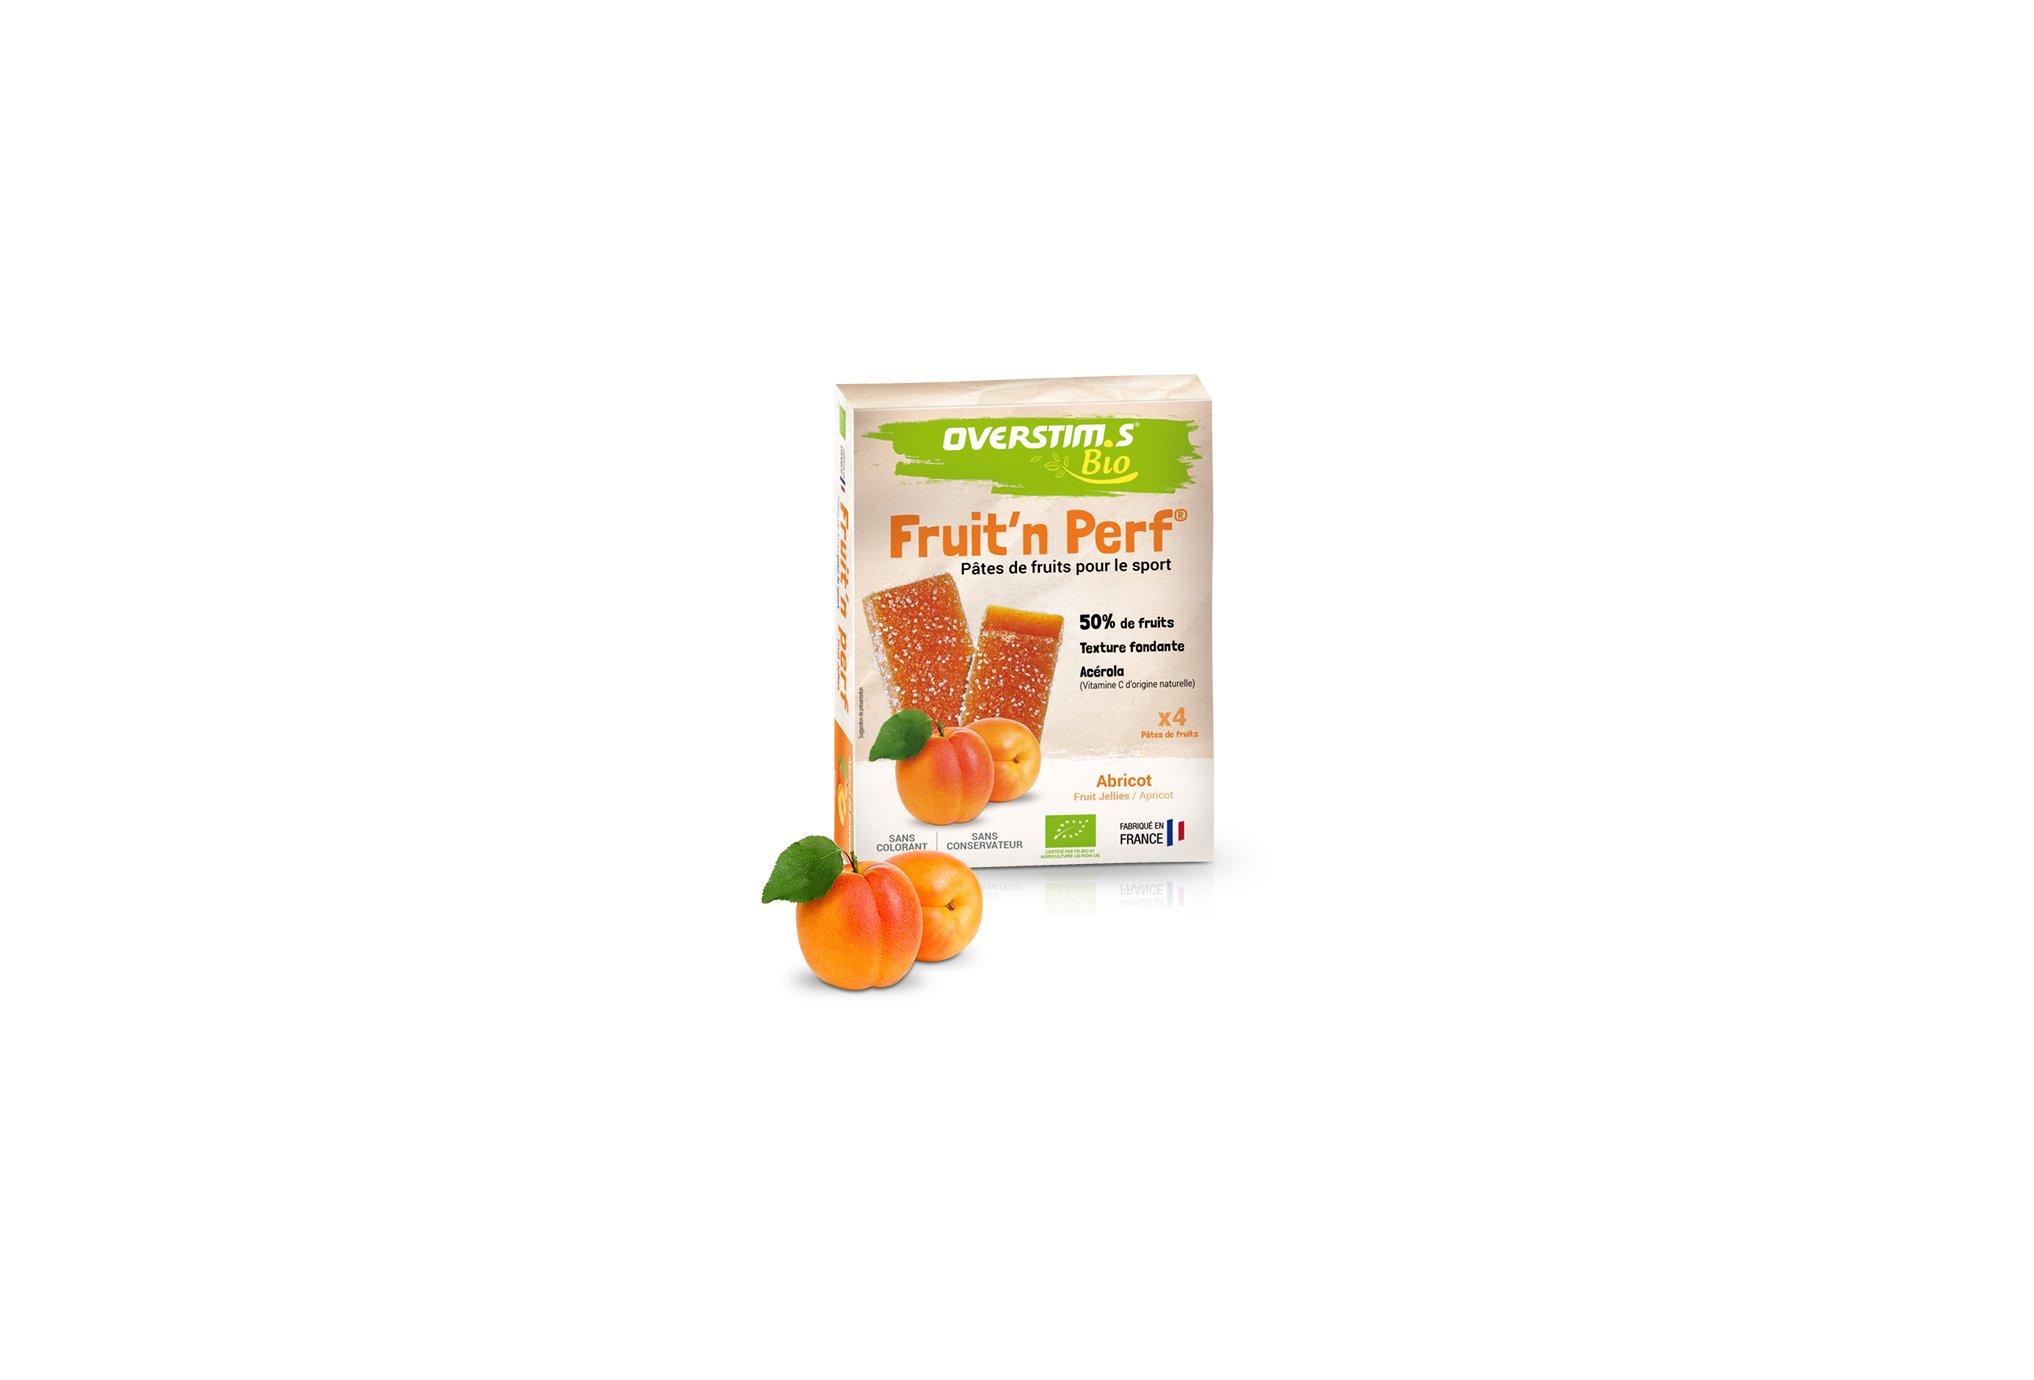 OVERSTIMS Étuis 4 barres Fruit'n Perf Bio - Abricot Diététique Barres